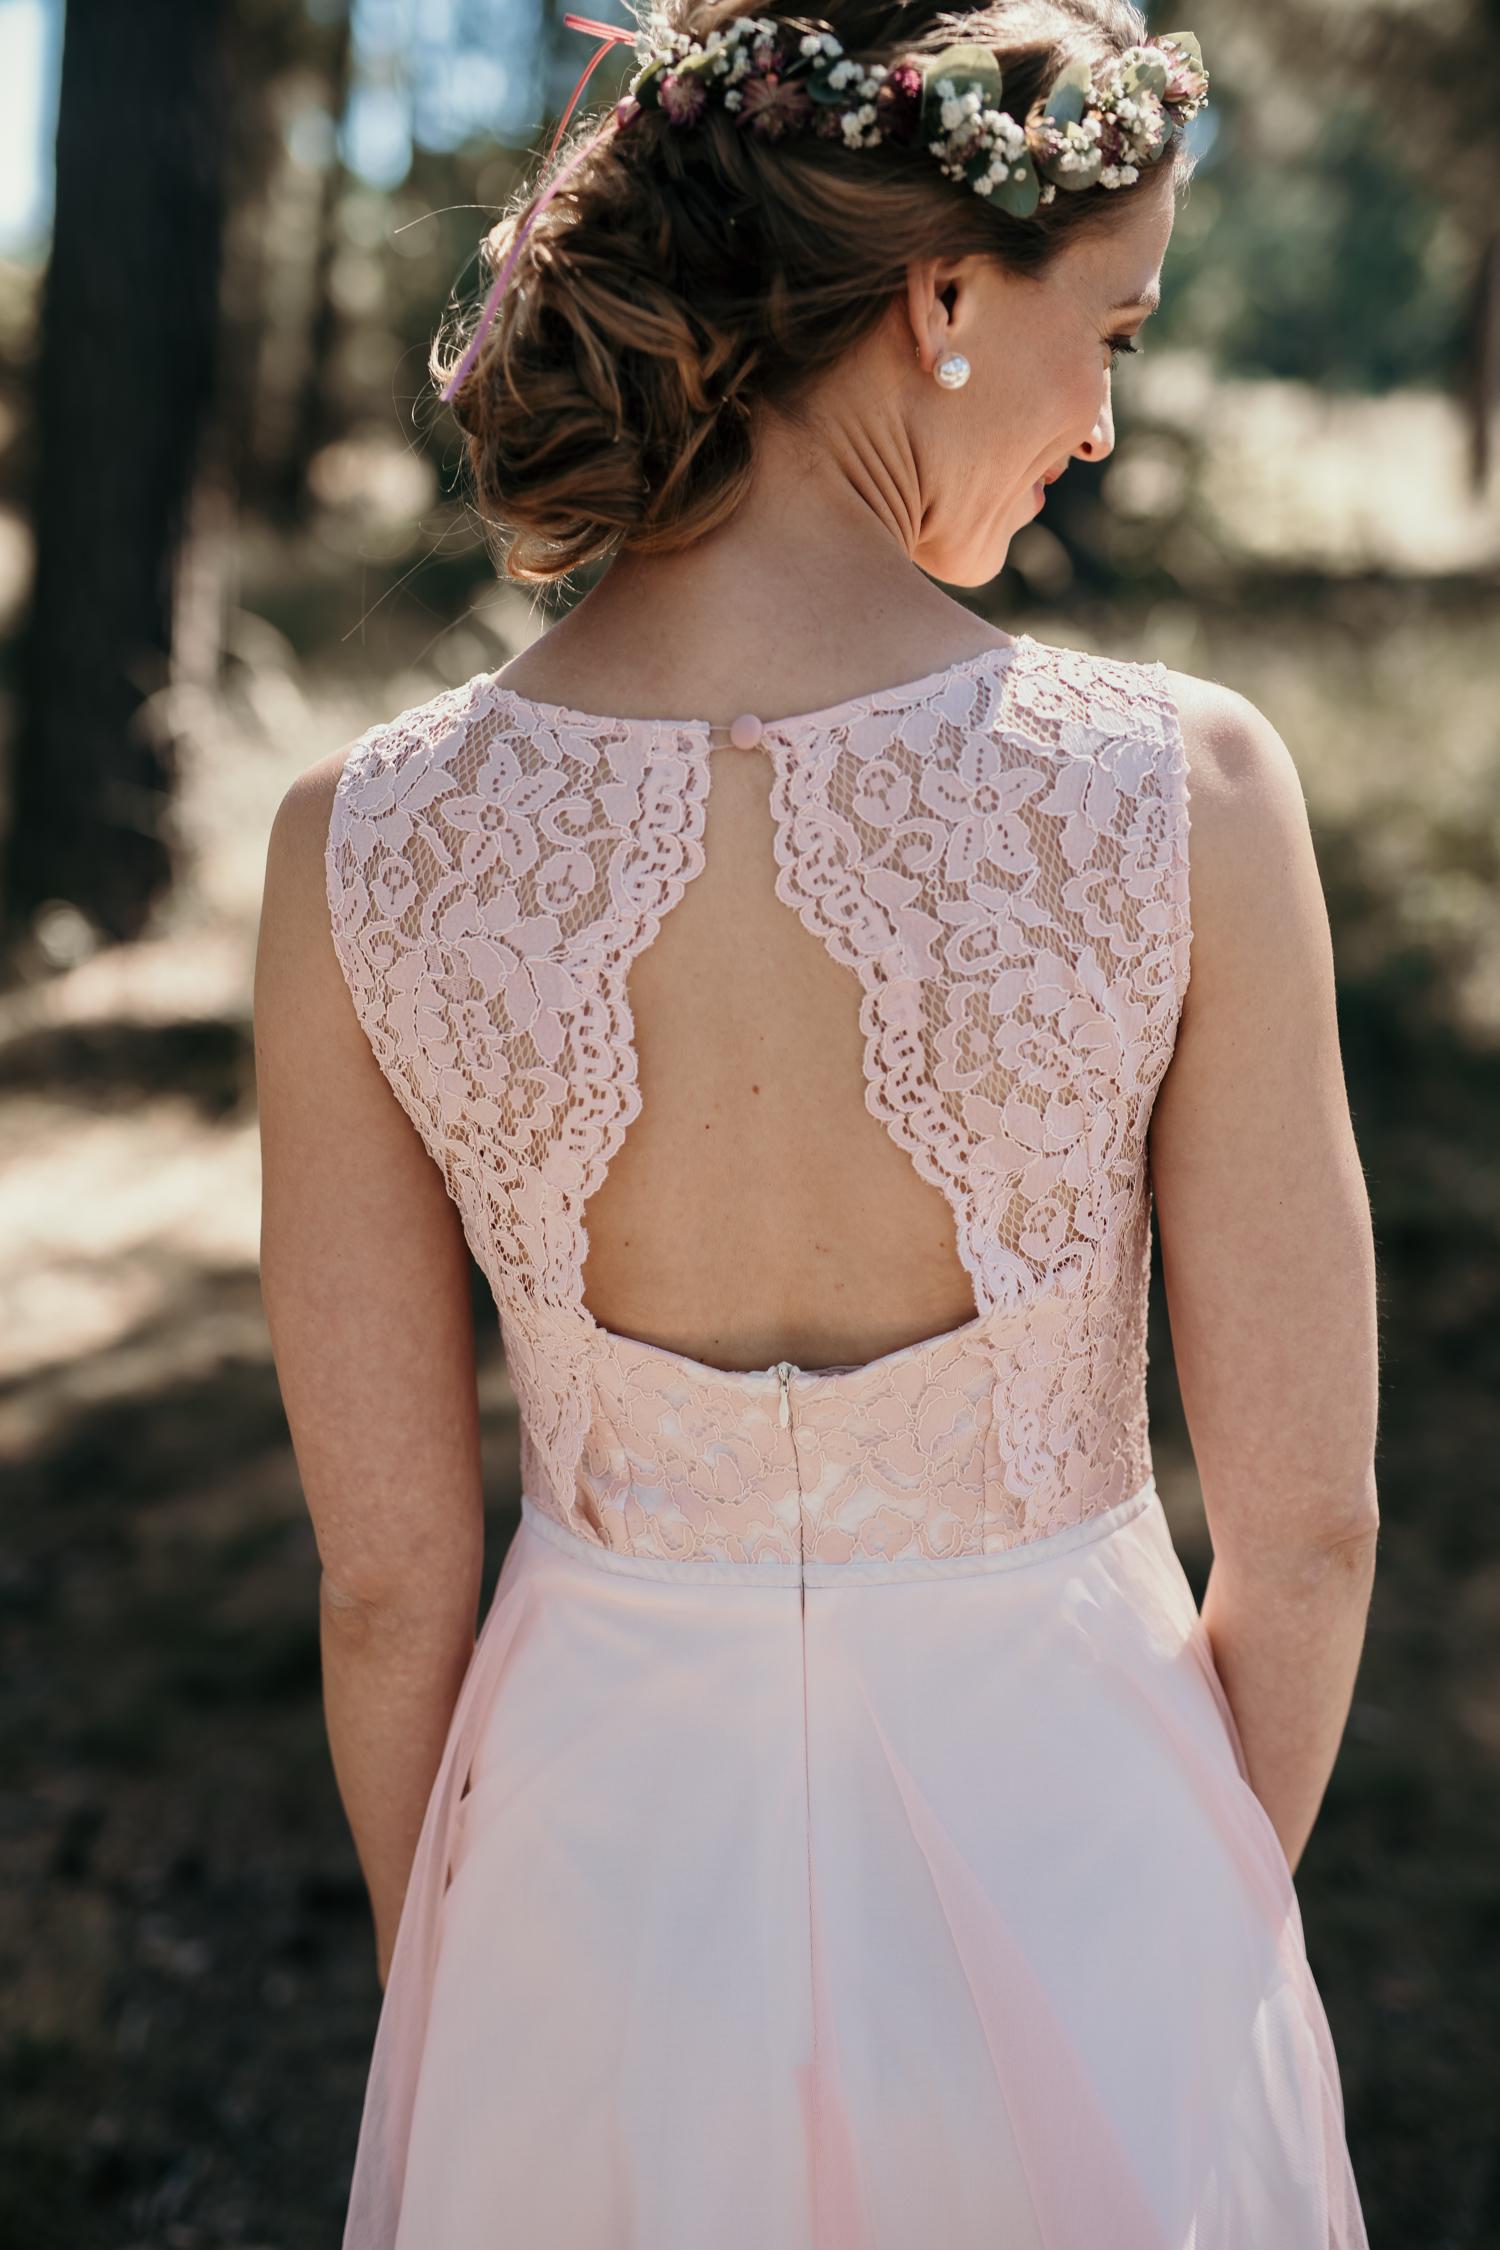 Die schönsten Brautkleider fürs Standesamt 13  Hochzeitsblog